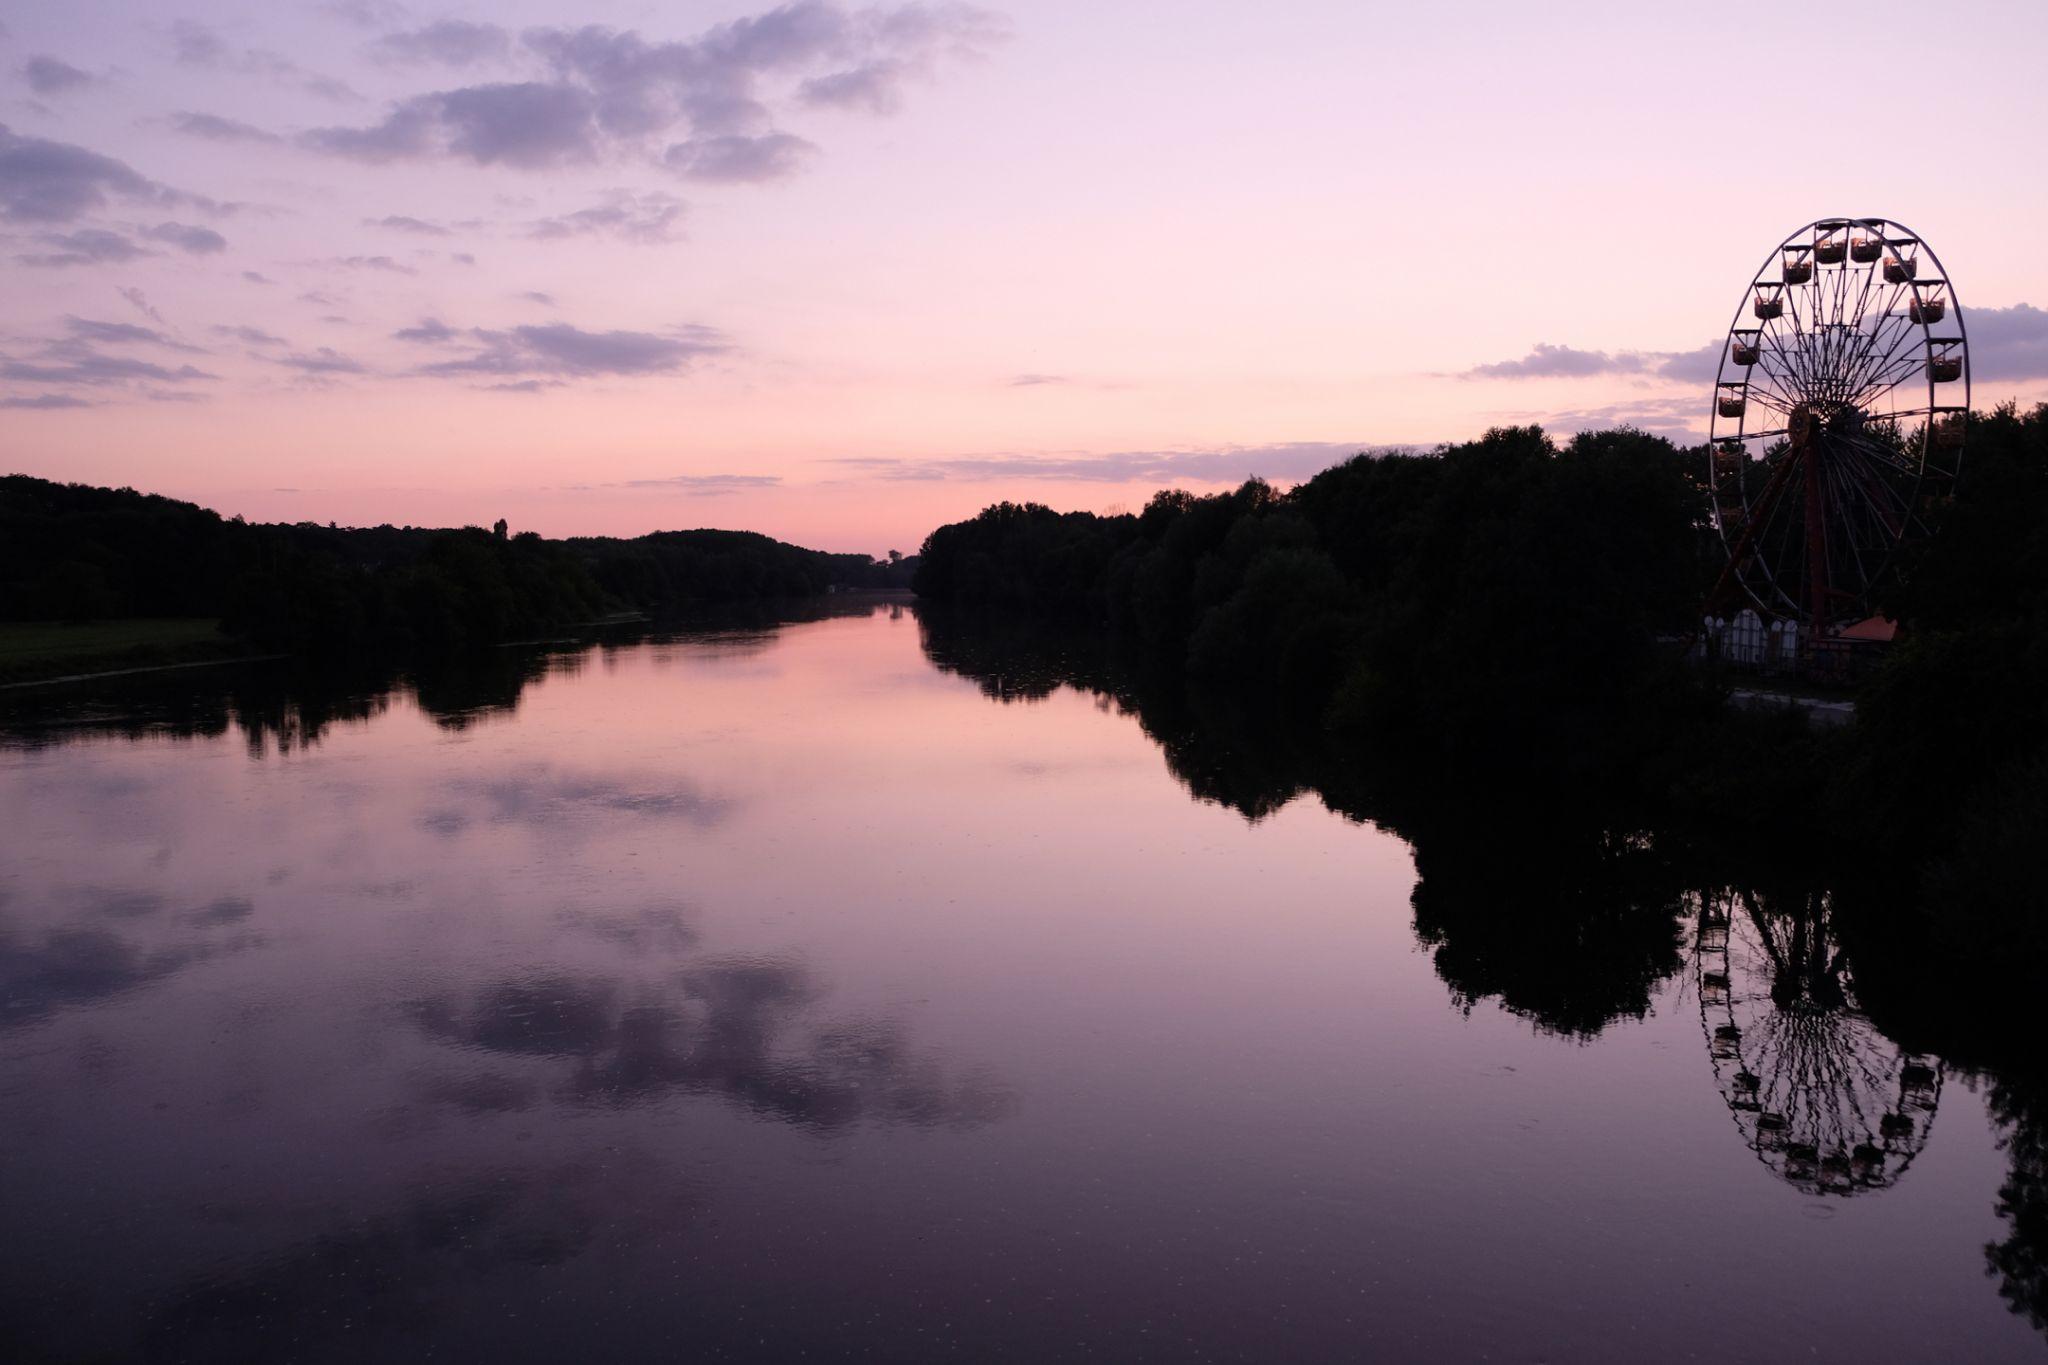 Sunset on Cher river, France